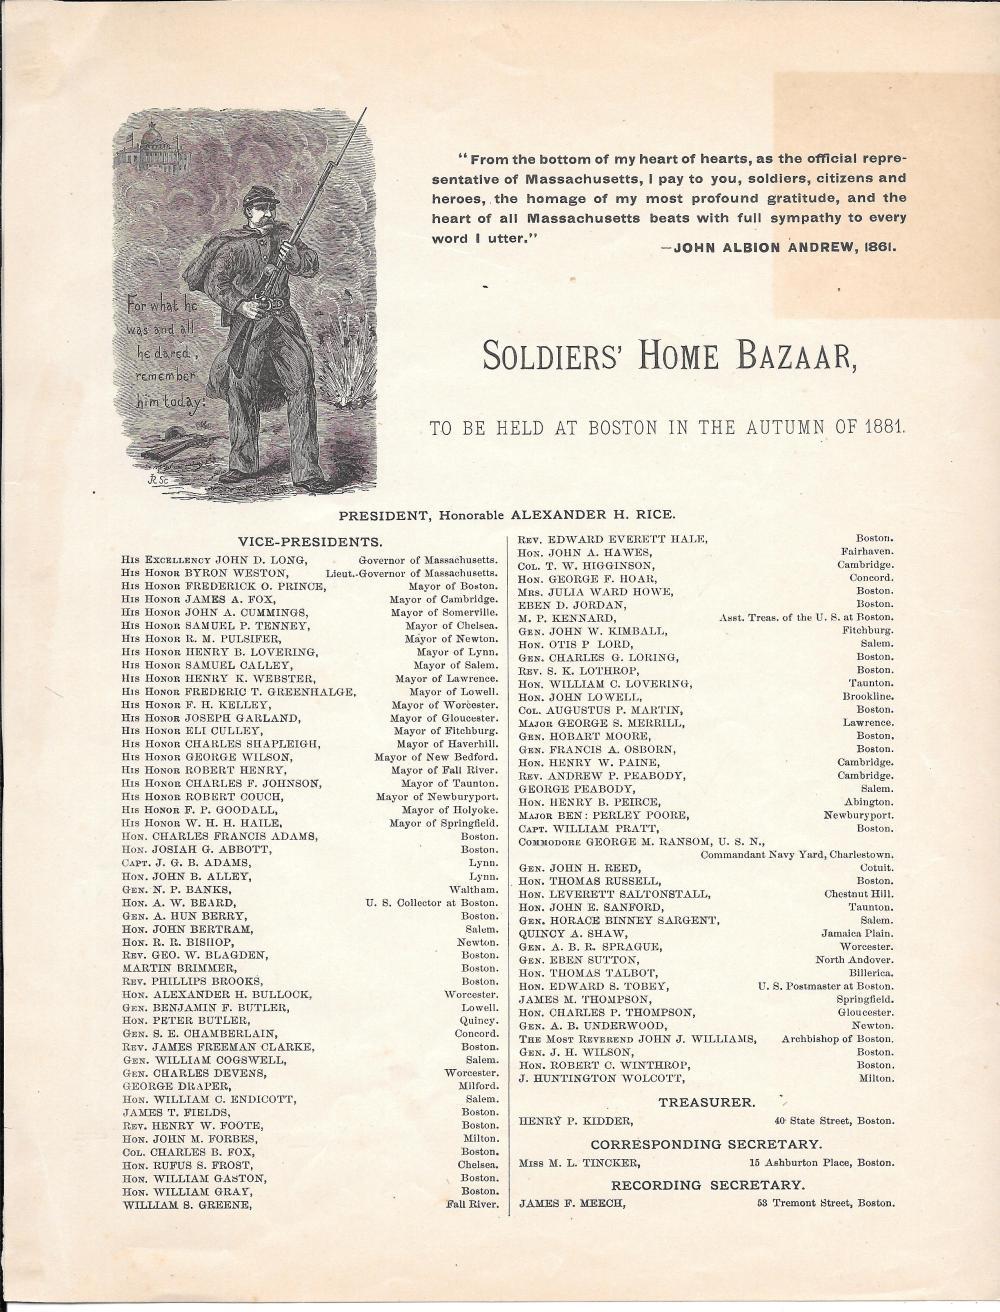 Soldier's Home Bazaar broadside